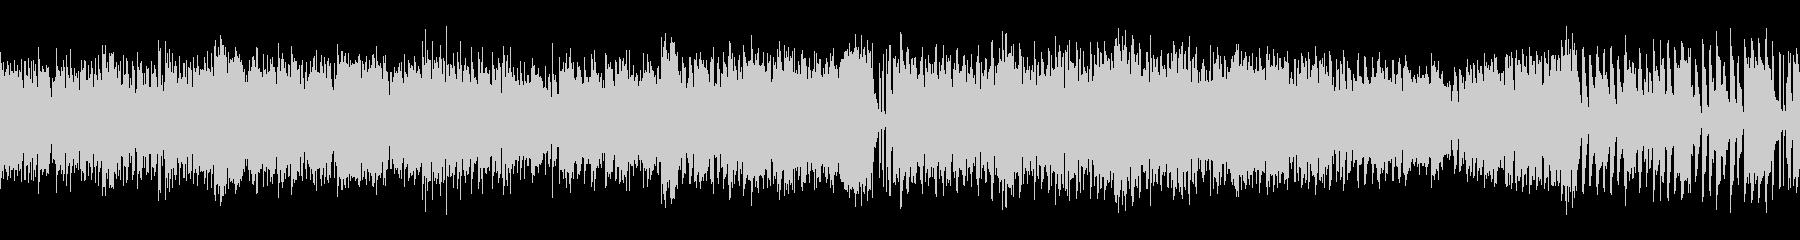 スマホゲー、ミニゲーム等に合うループ曲の未再生の波形